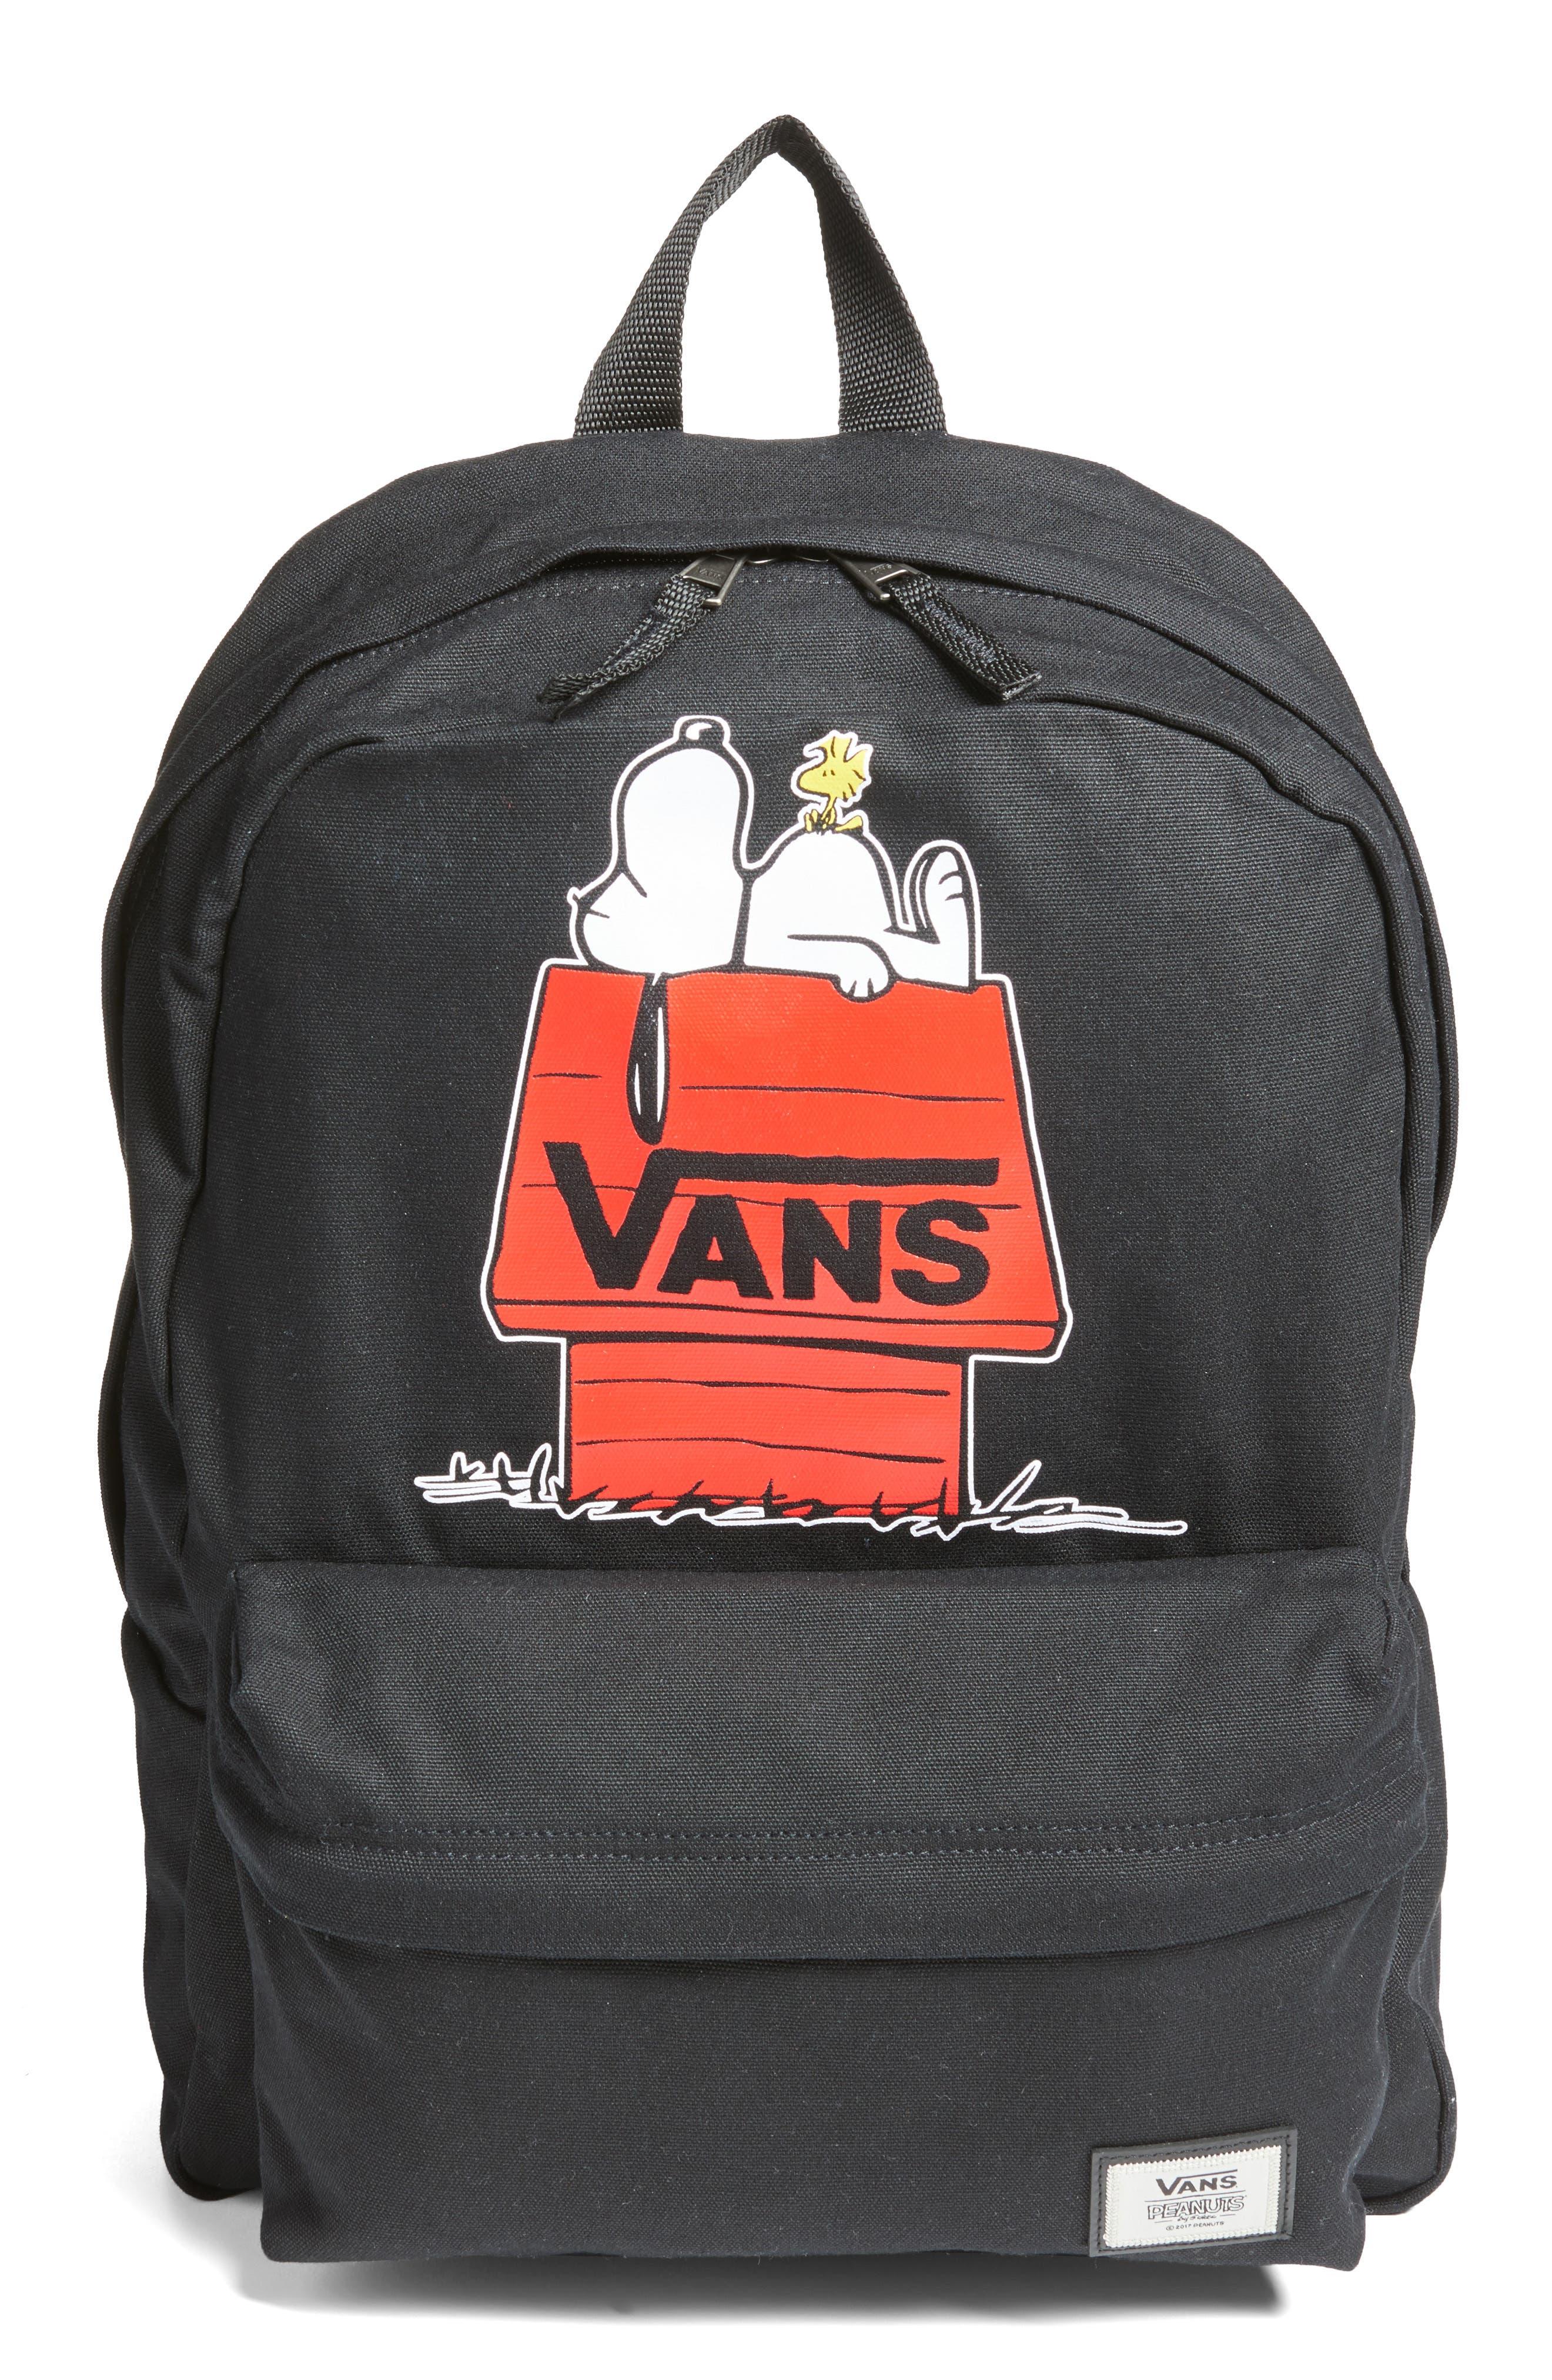 Vans x Peanuts® Snoopy & Woodstock Backpack (Kids)